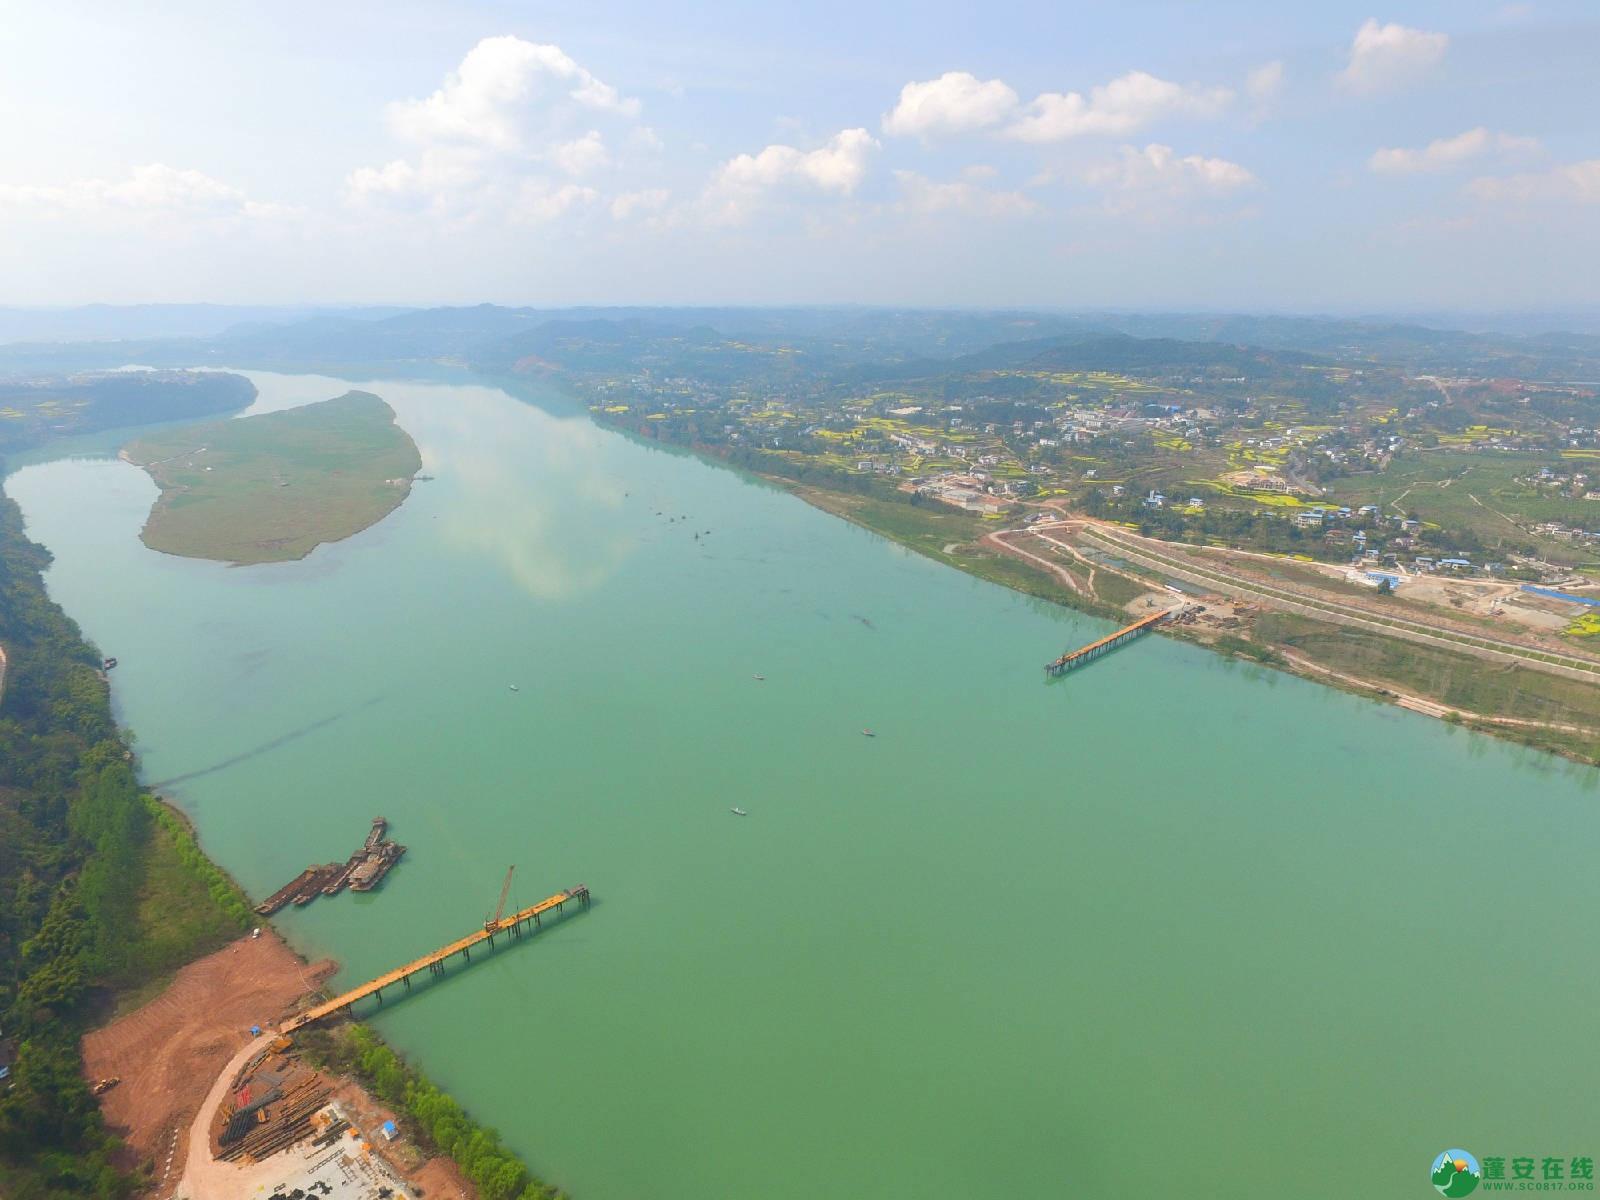 蓬安嘉陵江三桥新进展(2019.3.18) - 第4张  | 蓬安在线